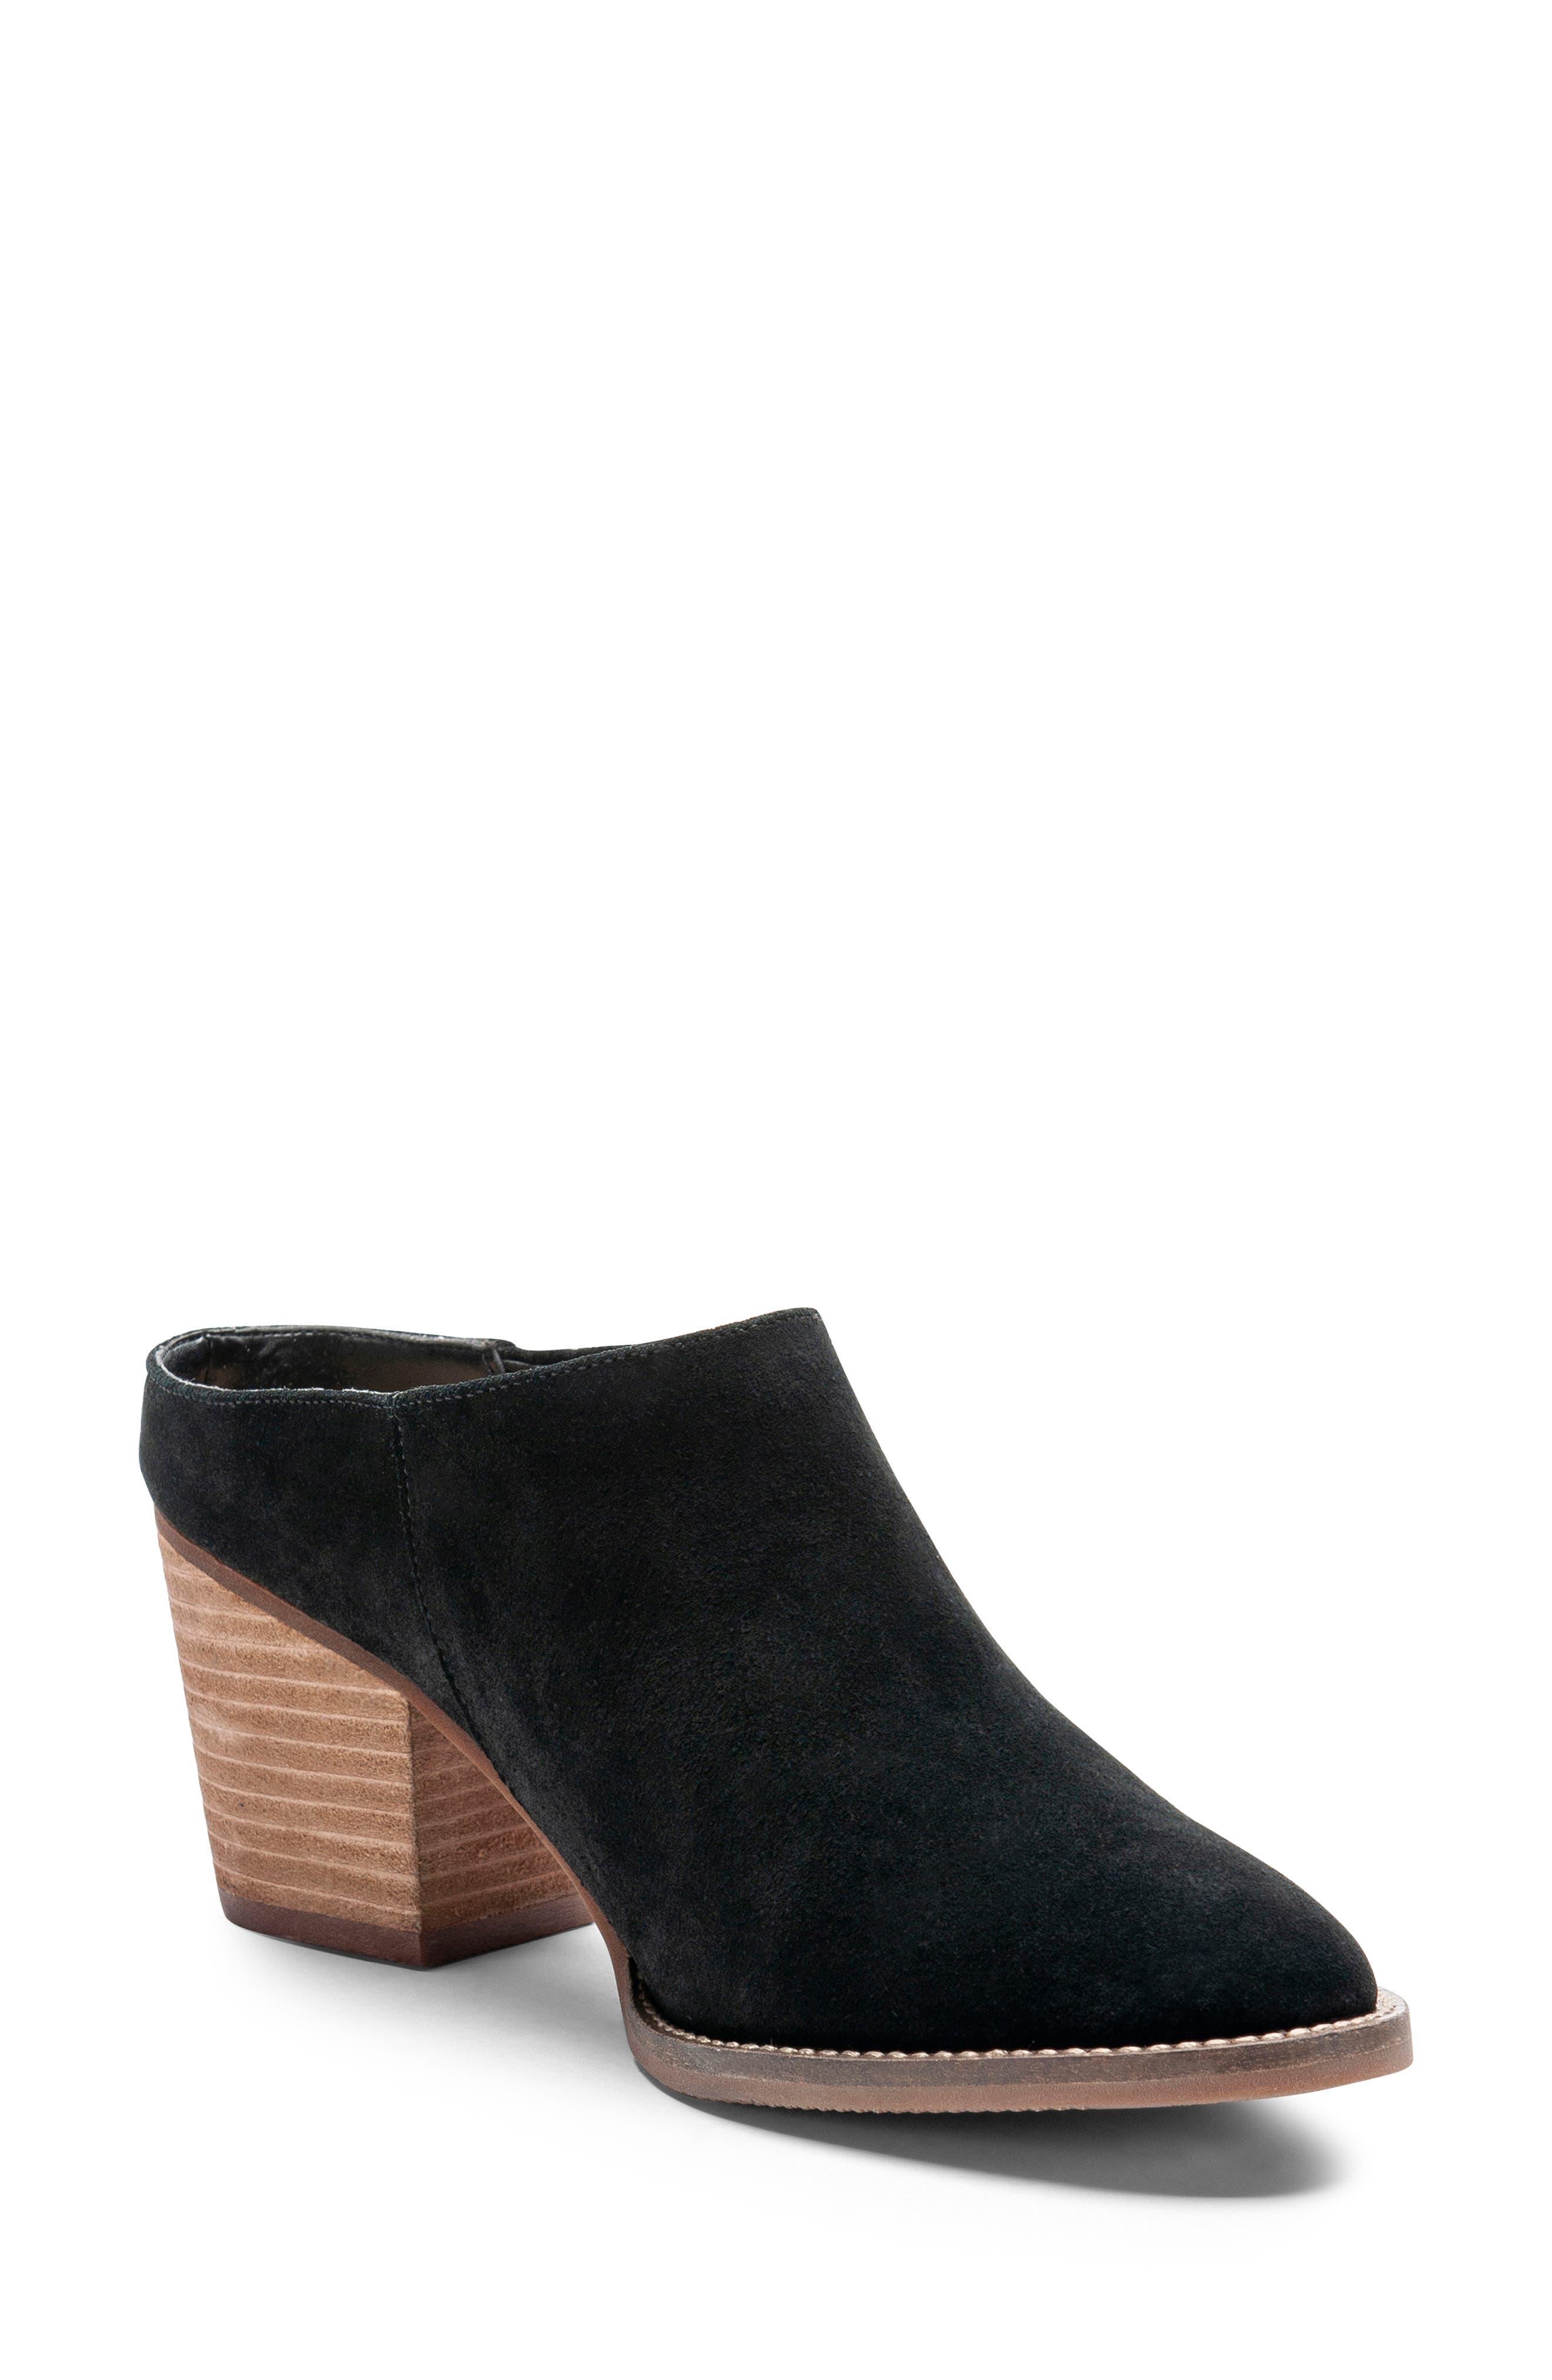 Blondo Norwich Mule- Black